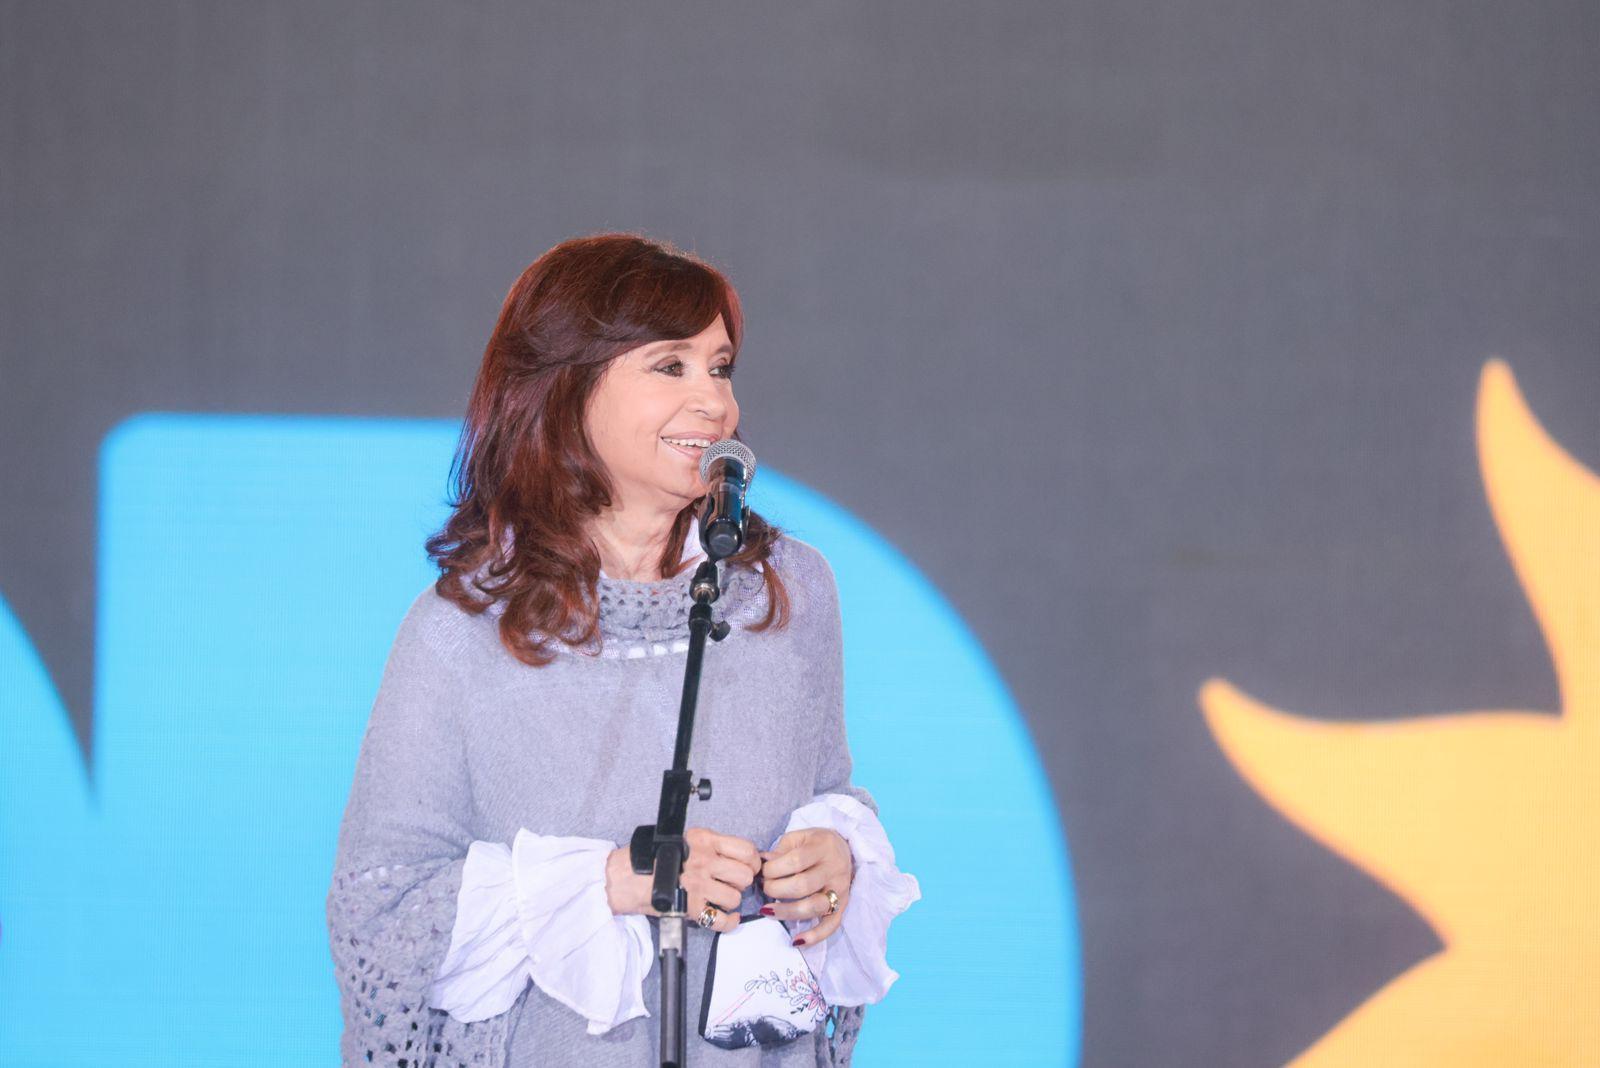 La vicrepresidenta, Cristina Fernández, fue una de las principales oradoras en el cierre de campaña del Frente de Todos.